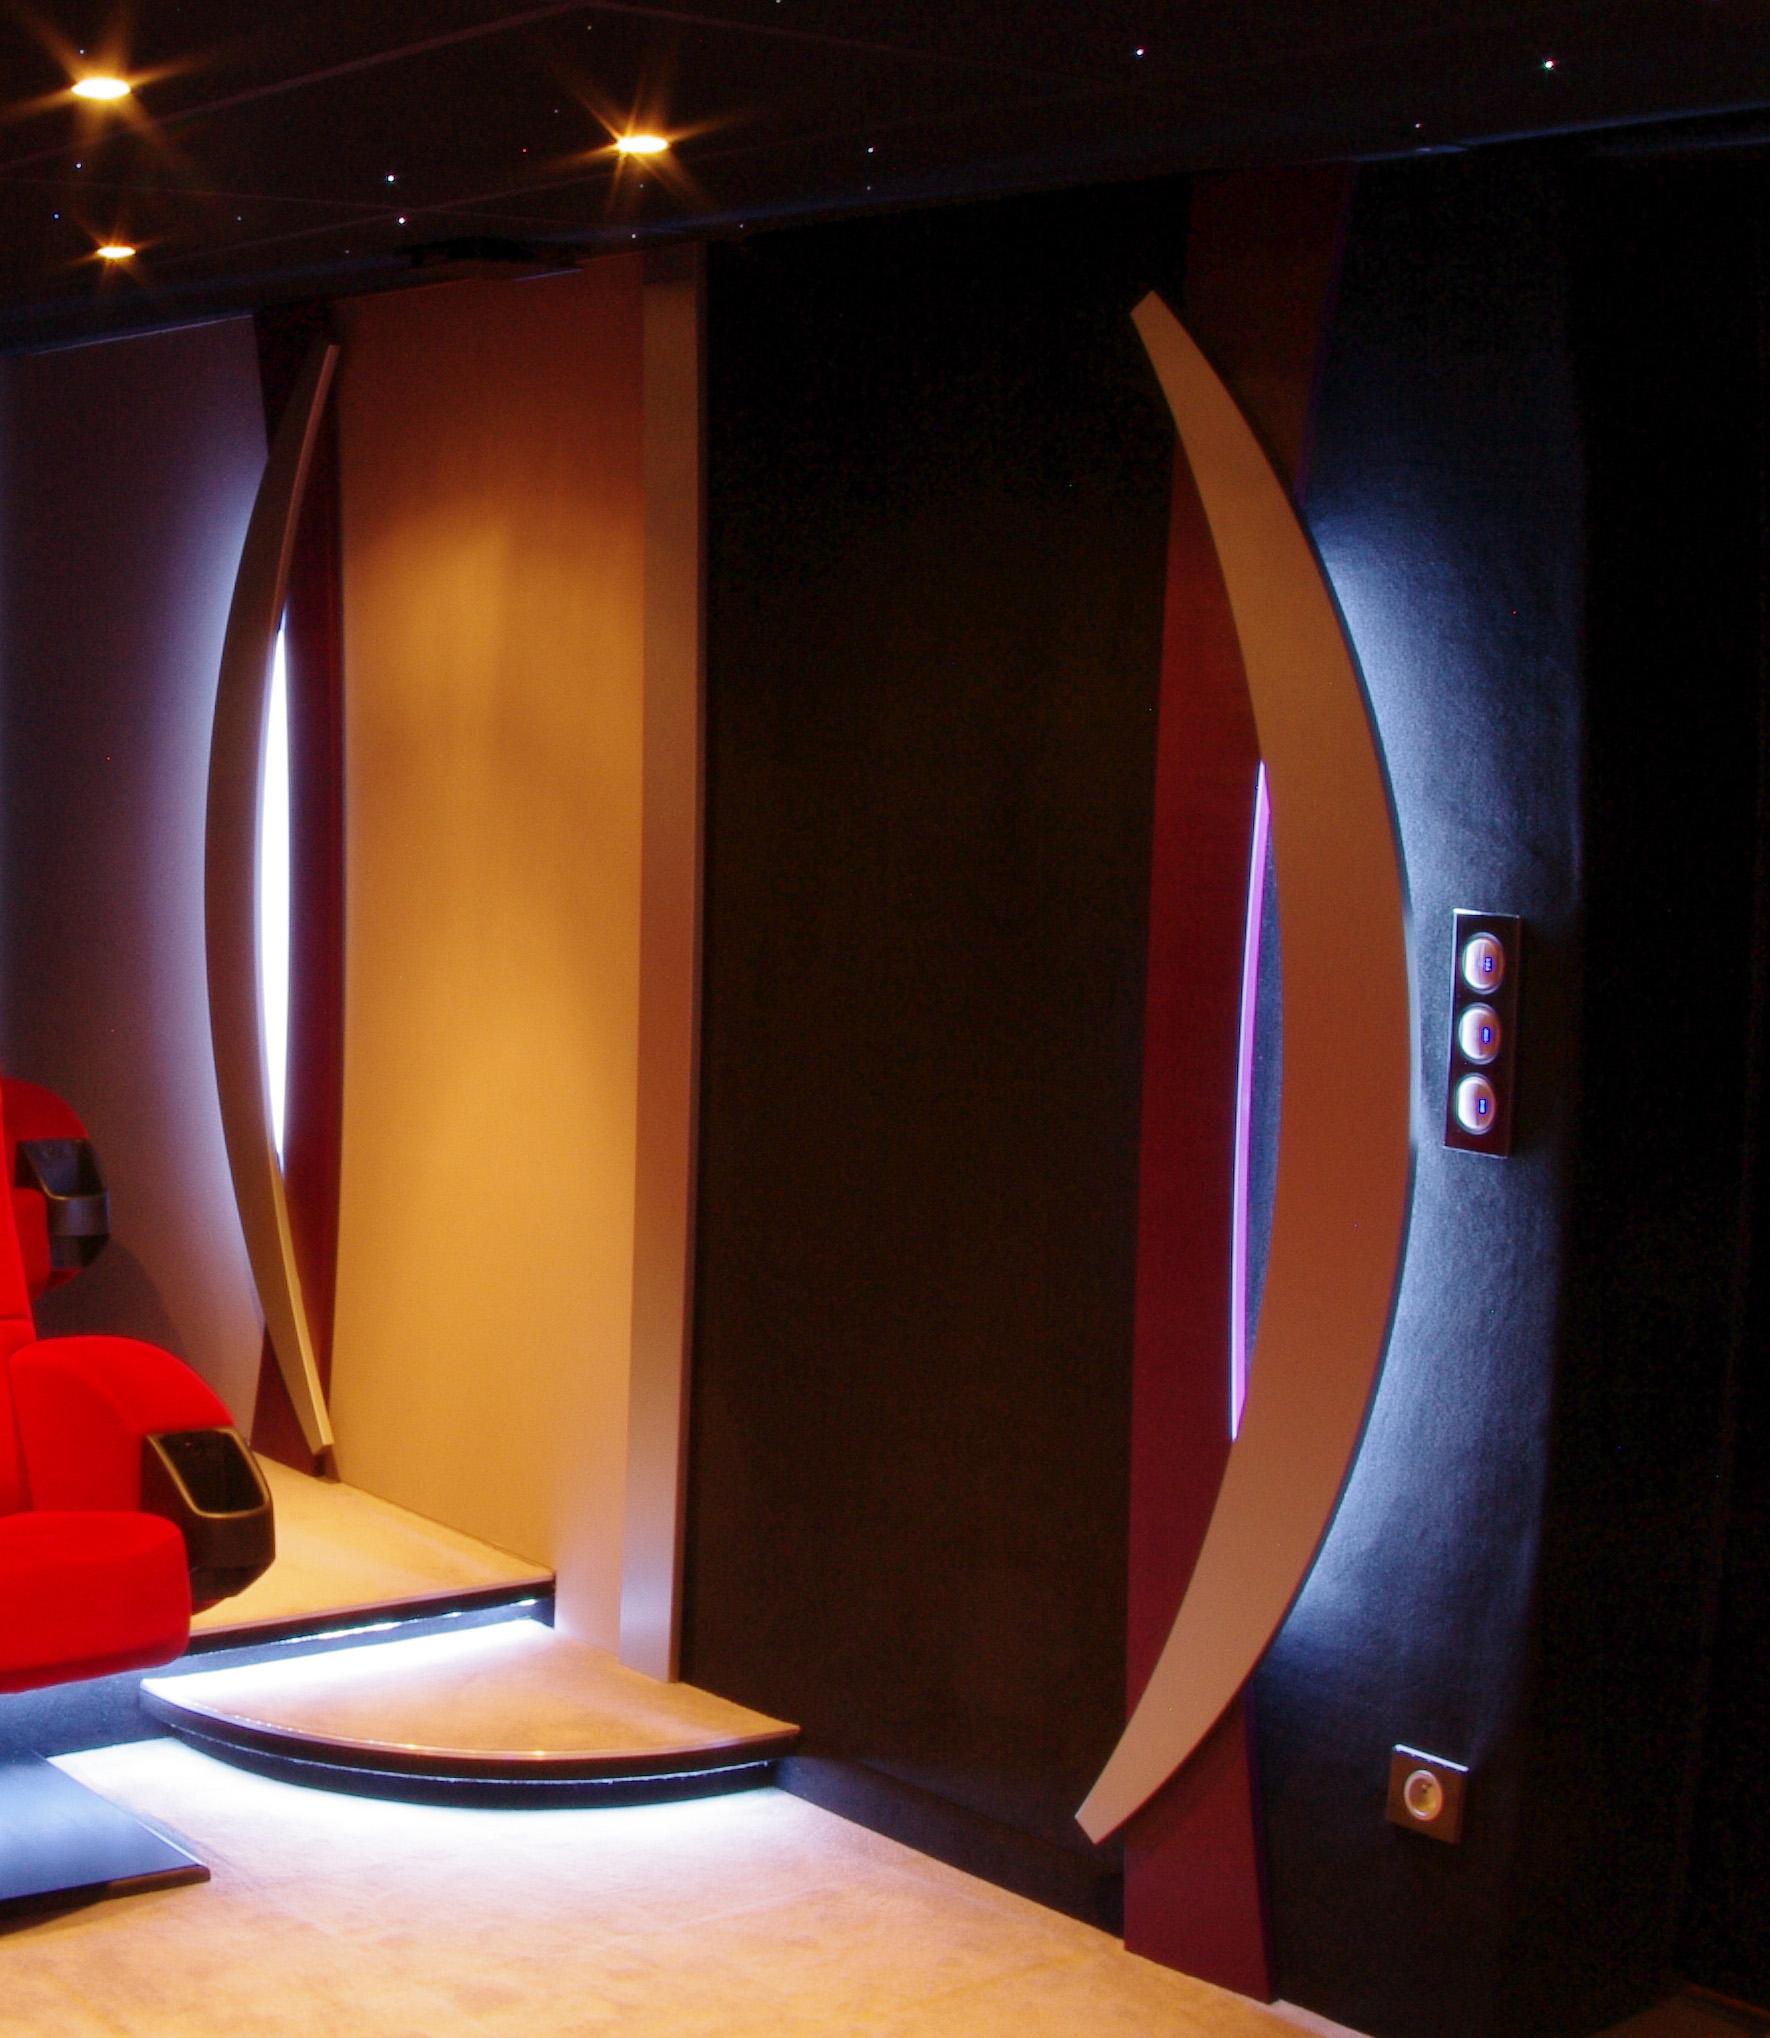 Toute La Lumiere Sur L Eclairage De Votre Salle De Cinema Privee